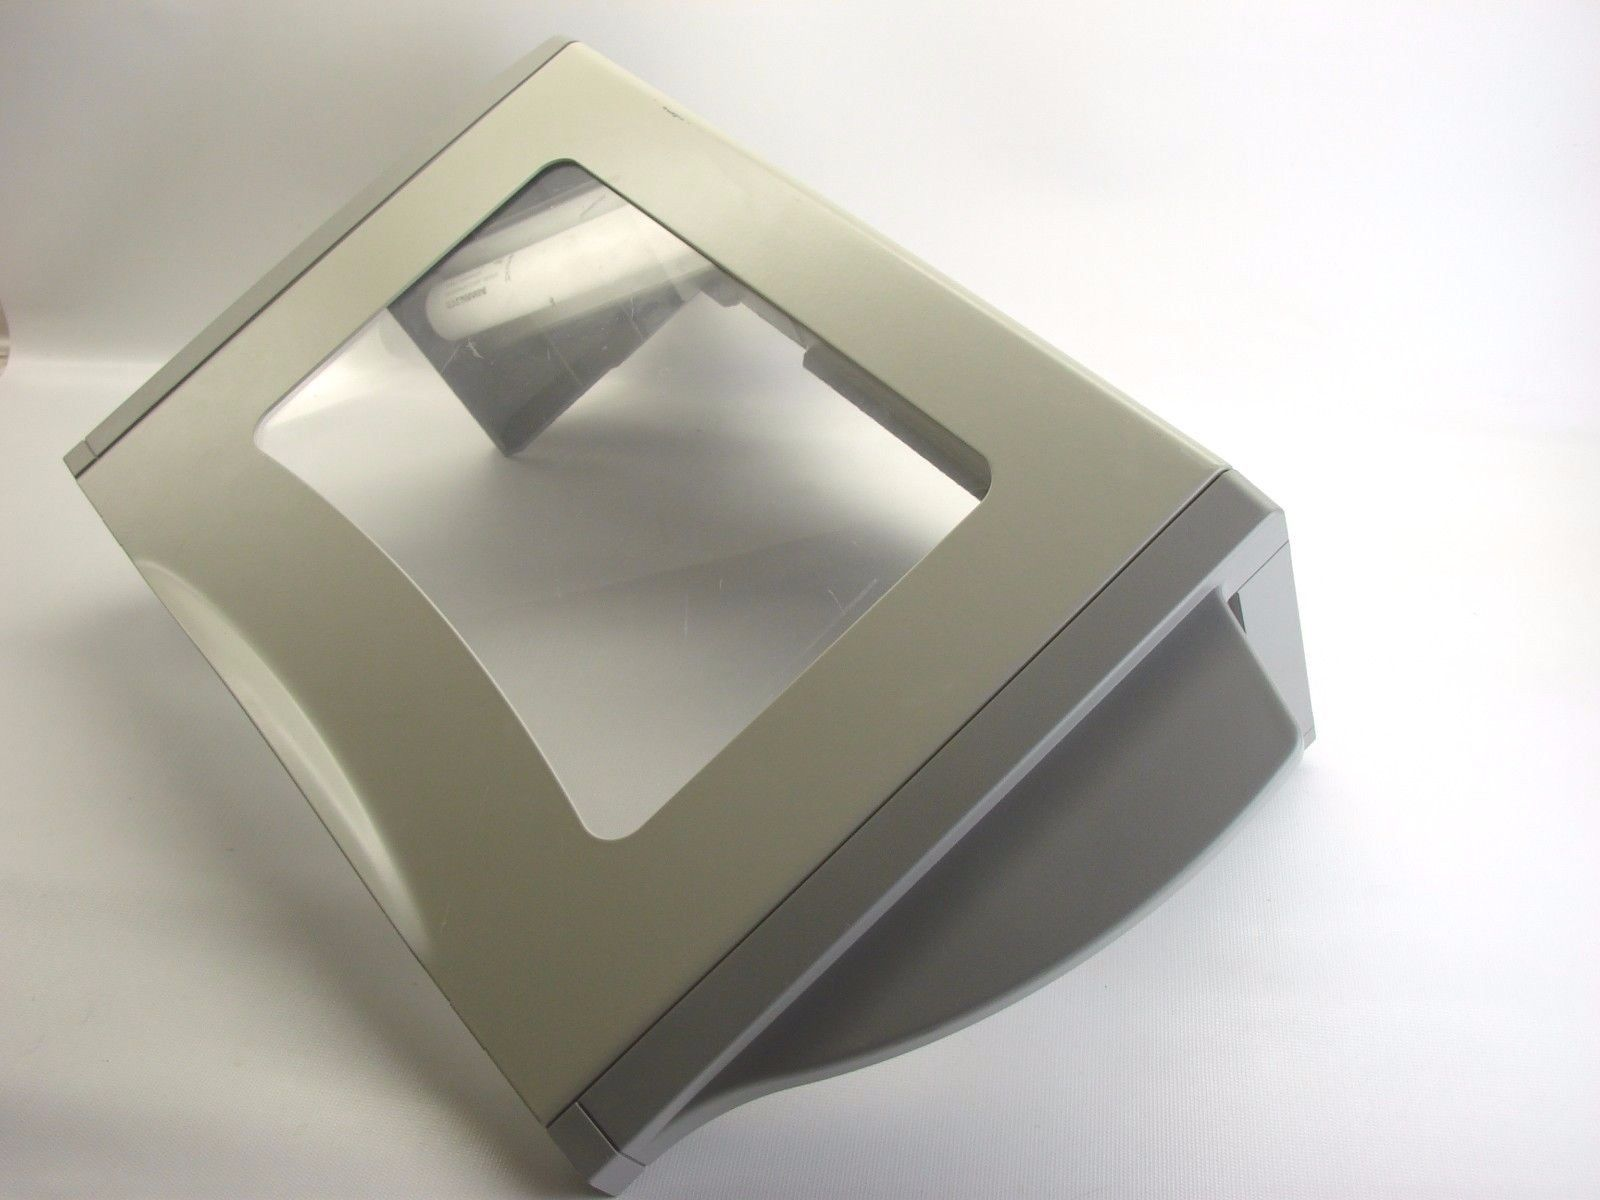 Zebra Z4Mplus Thermal Printer OEM See-Thru Media Door W/ Hinge Screws  (t51)